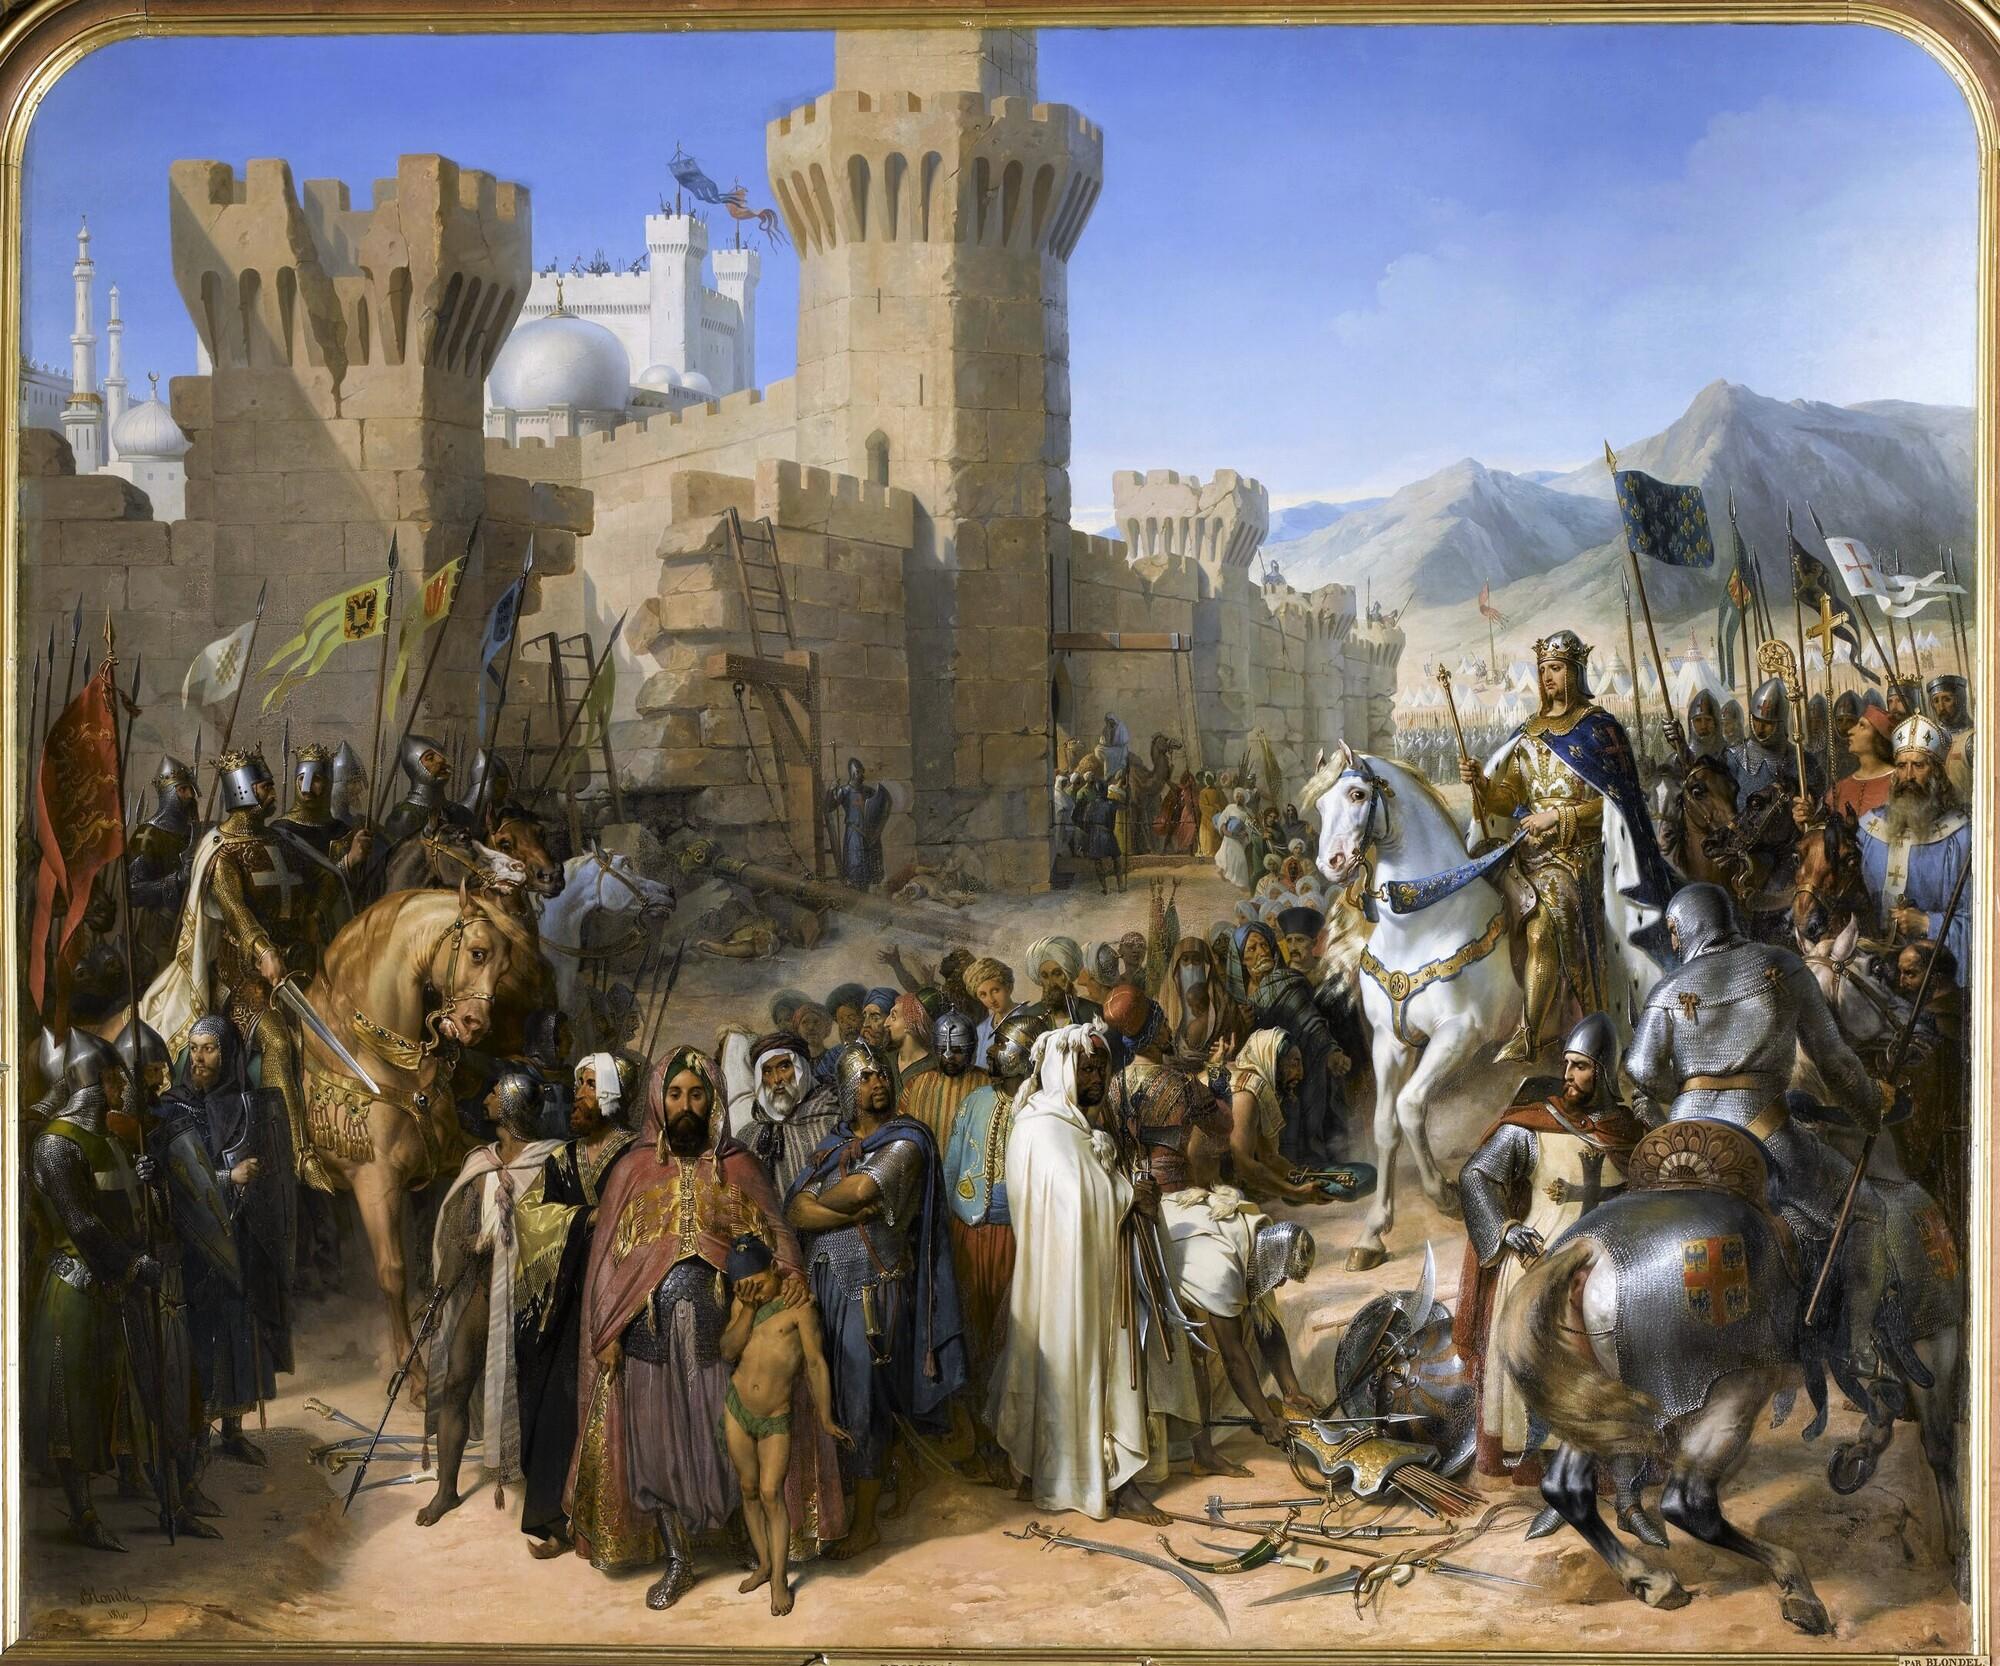 La ville de Ptolémaïs remise à Philippe-Auguste et Richard-Cœur-de-Lion, 13 juillet 1191. Peintre : Merry-Joseph Blondel.